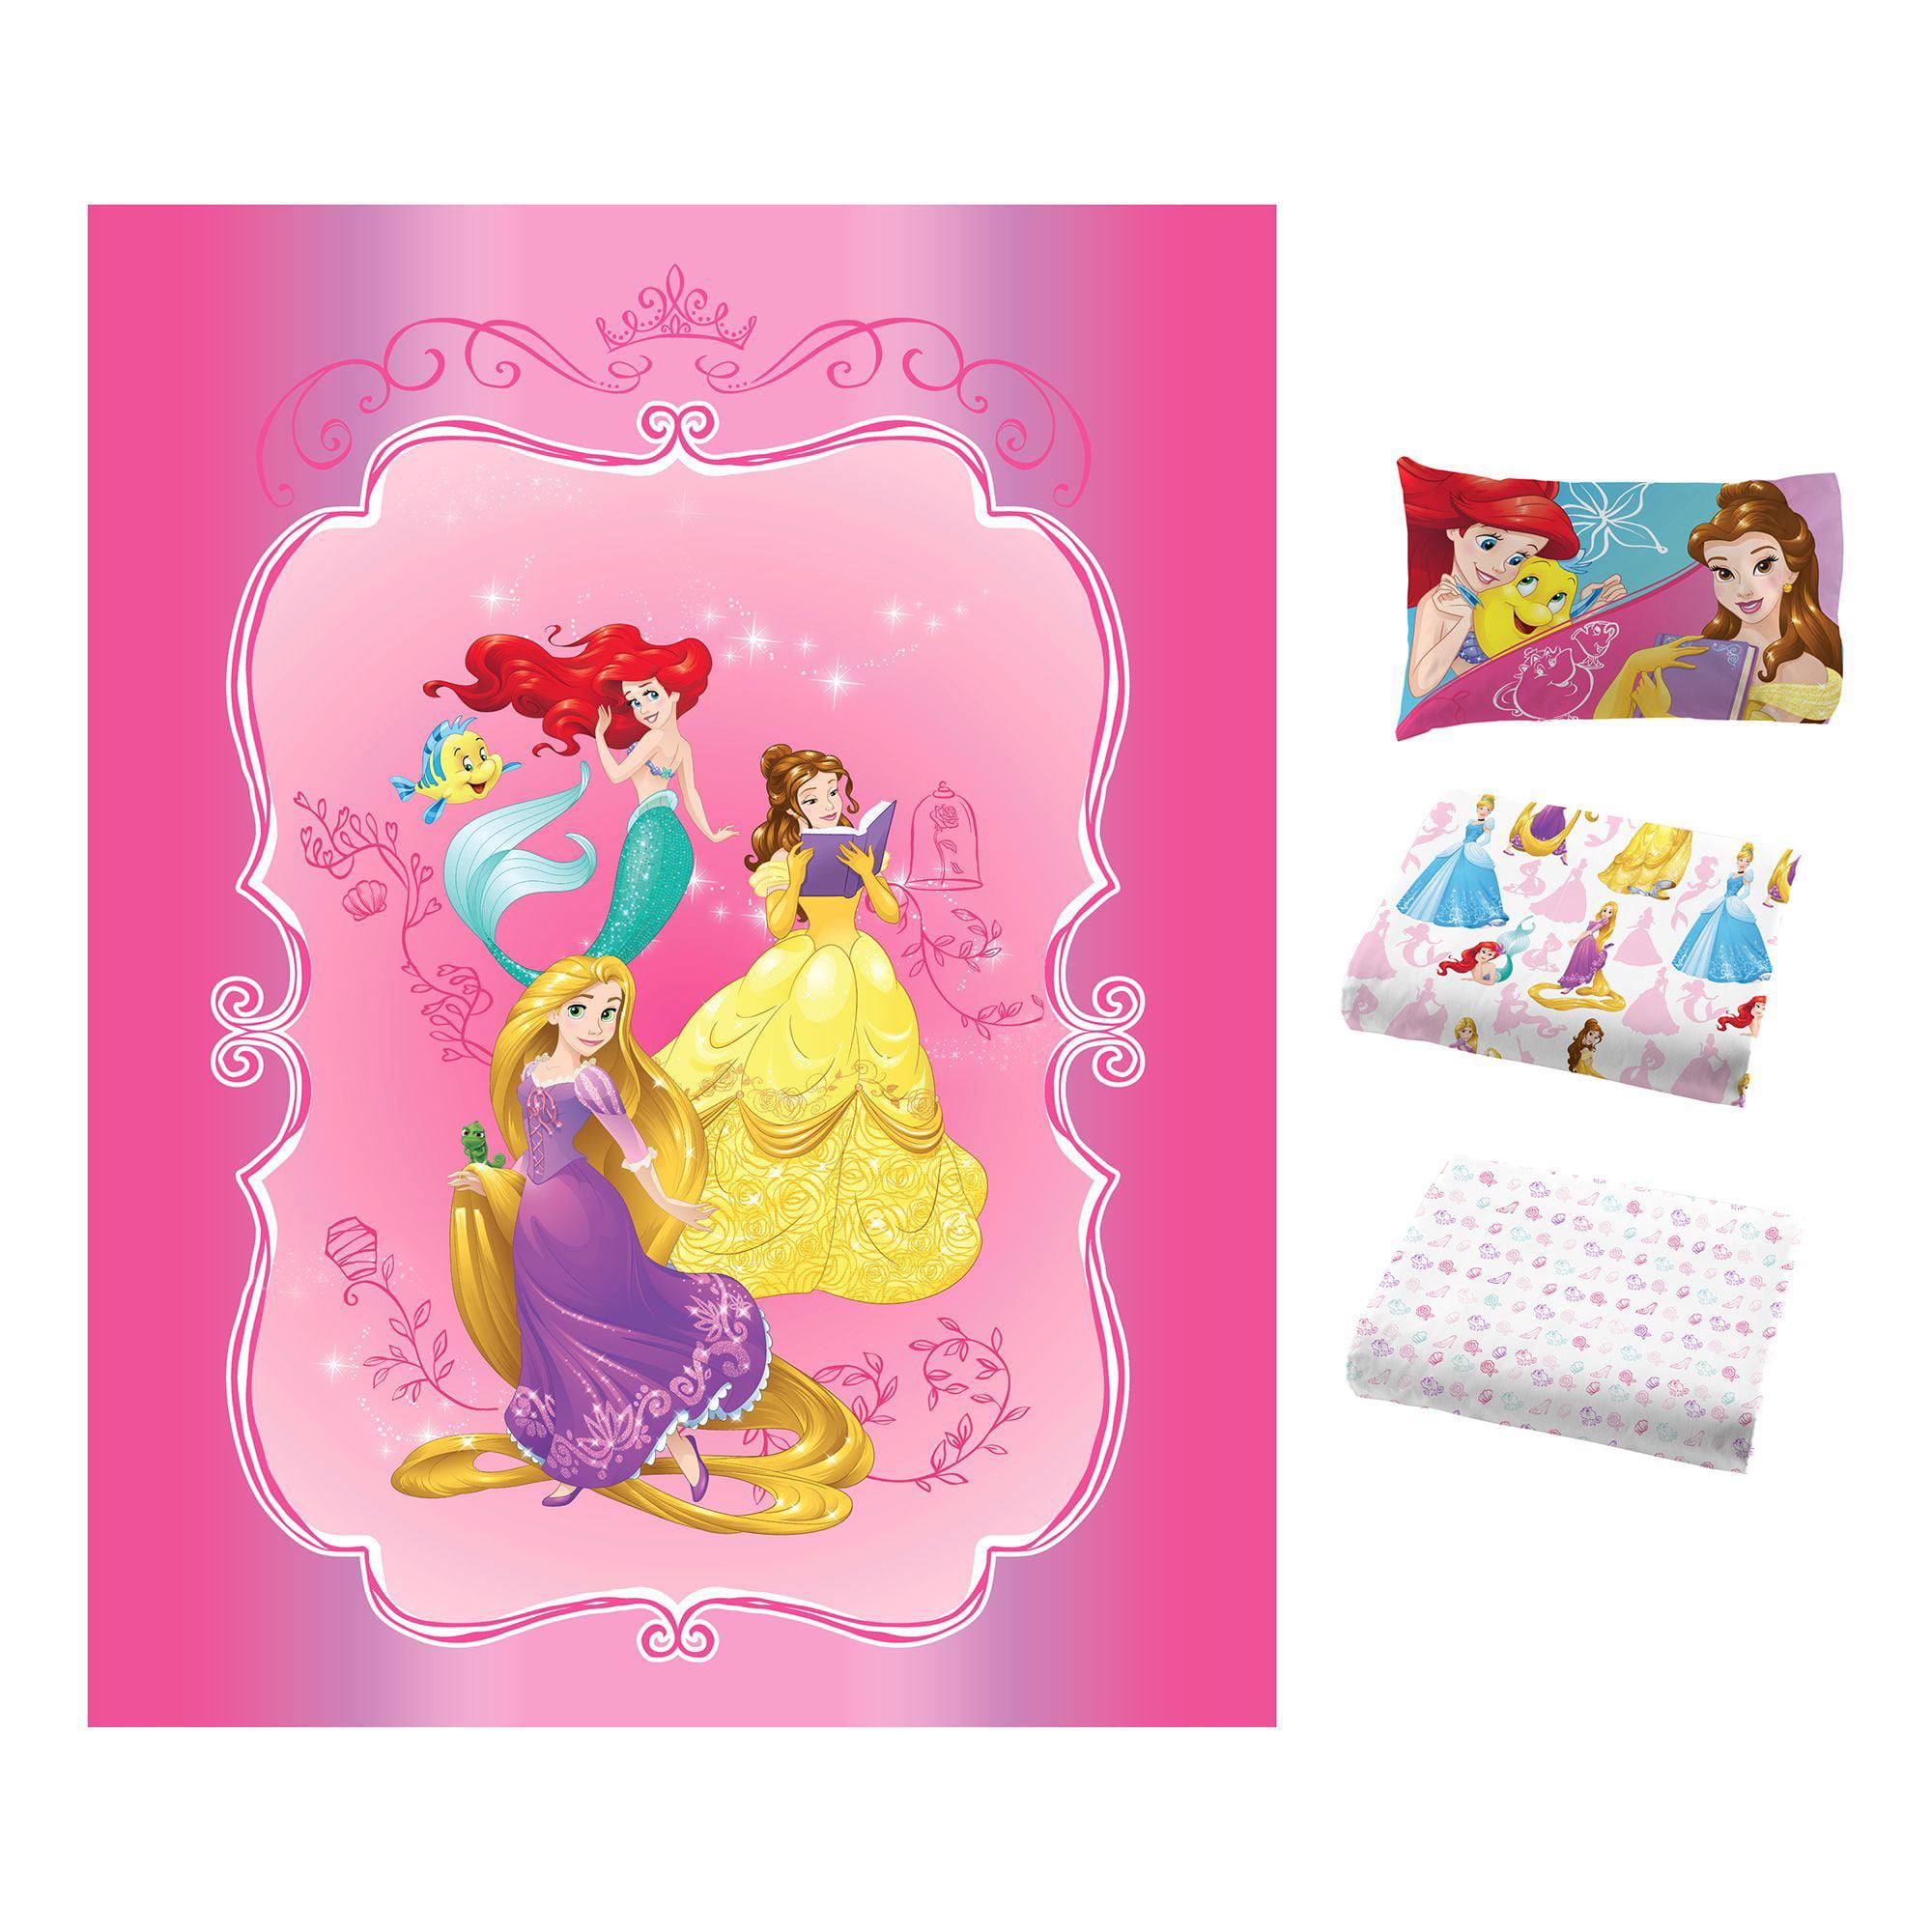 8c654d0f5fe535 Disney s Princess Bedazzling Princess Bed in Bag Bedding Set - Walmart.com